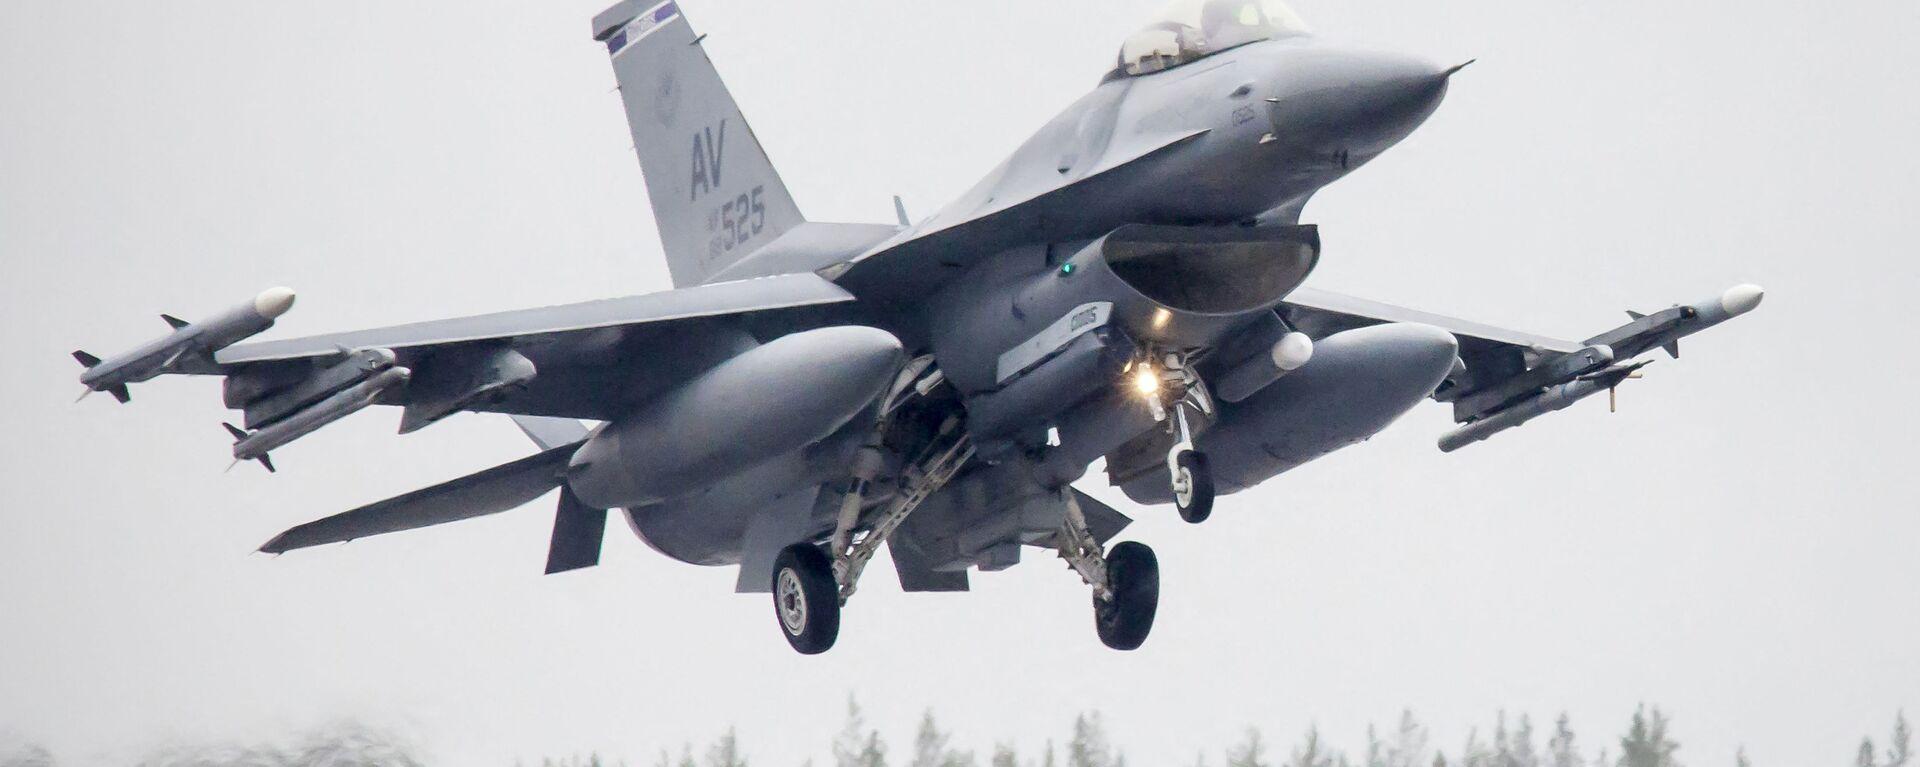 Amerykański myśliwiec F-16CM Fighting Falcon podczas ćwiczeń Arctic Challenge w Szwecji - Sputnik Polska, 1920, 08.07.2021